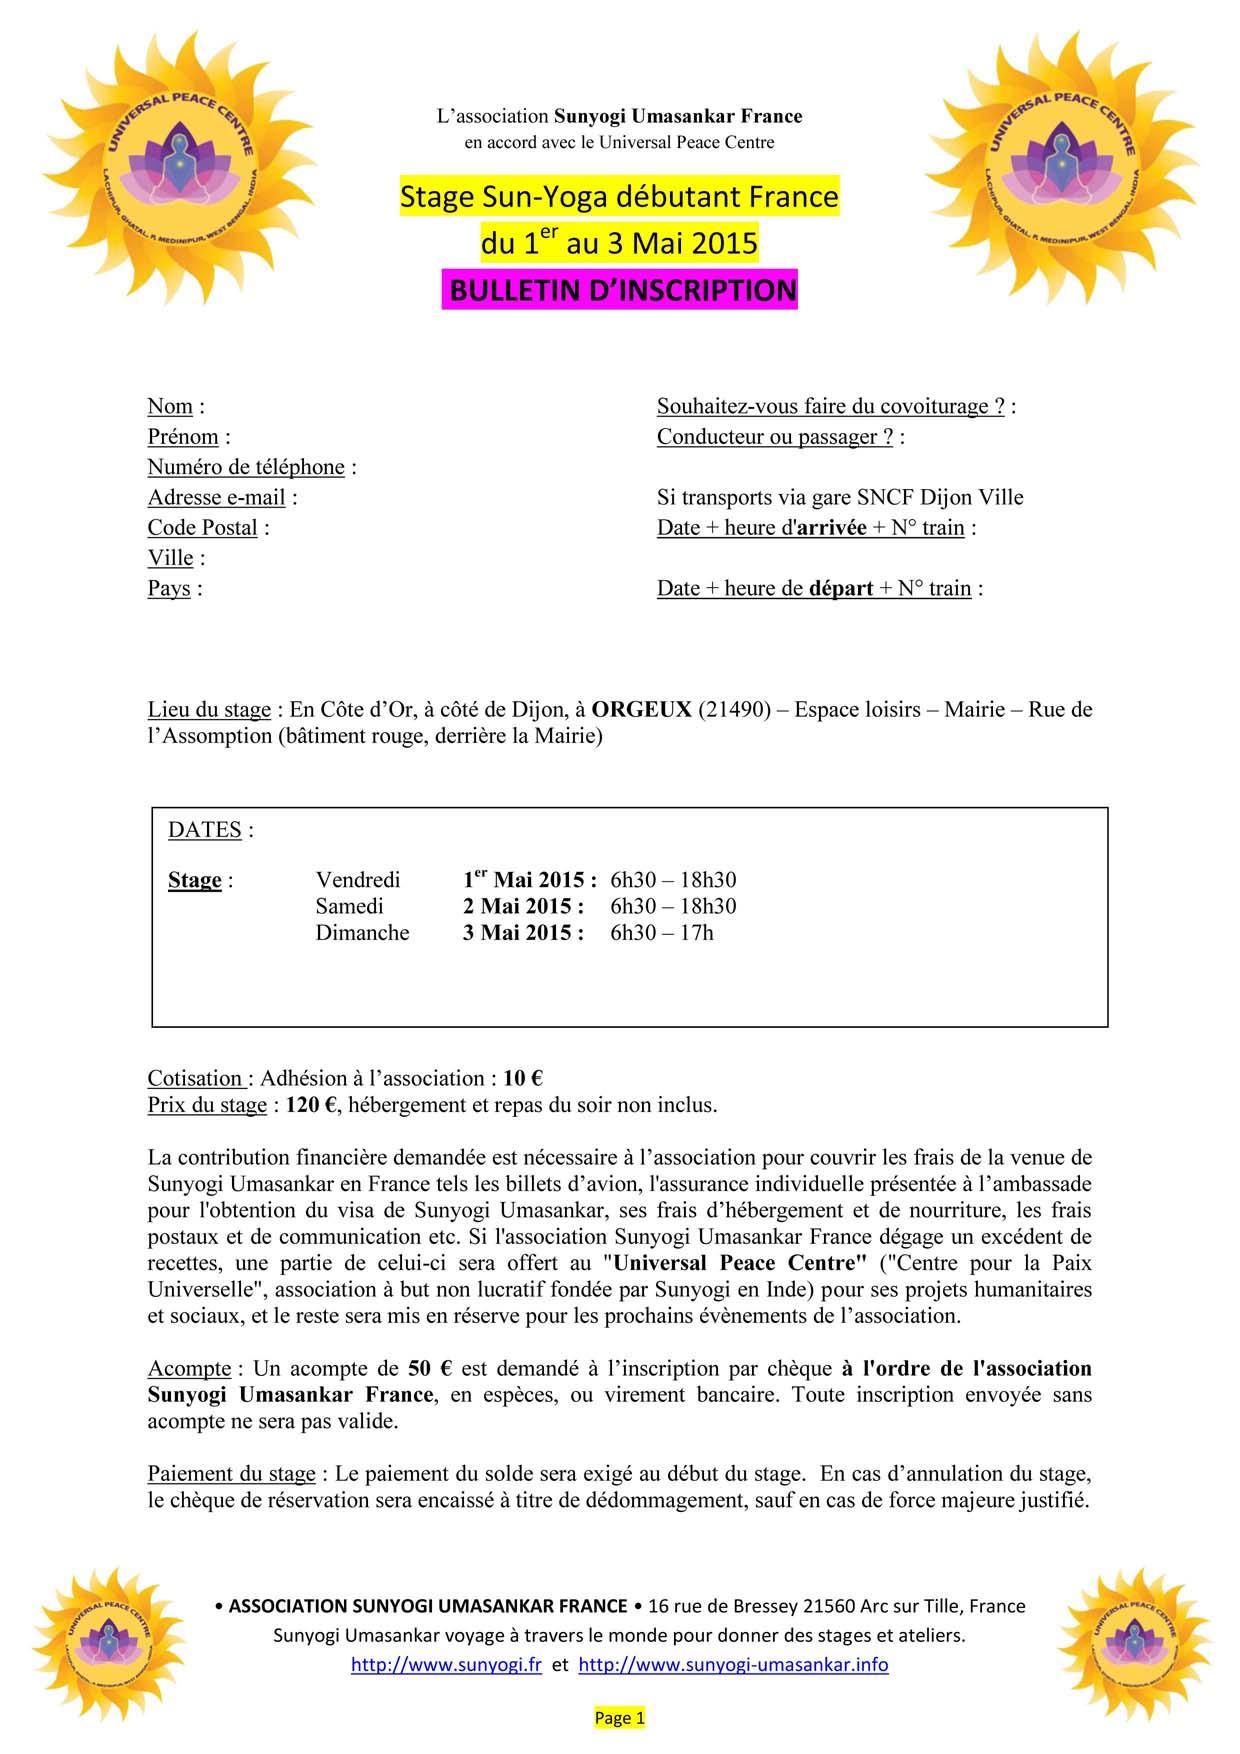 02_ SUNYOGA 1, 2, 3 mai 2015 BULLETIN INSCRIPTION a